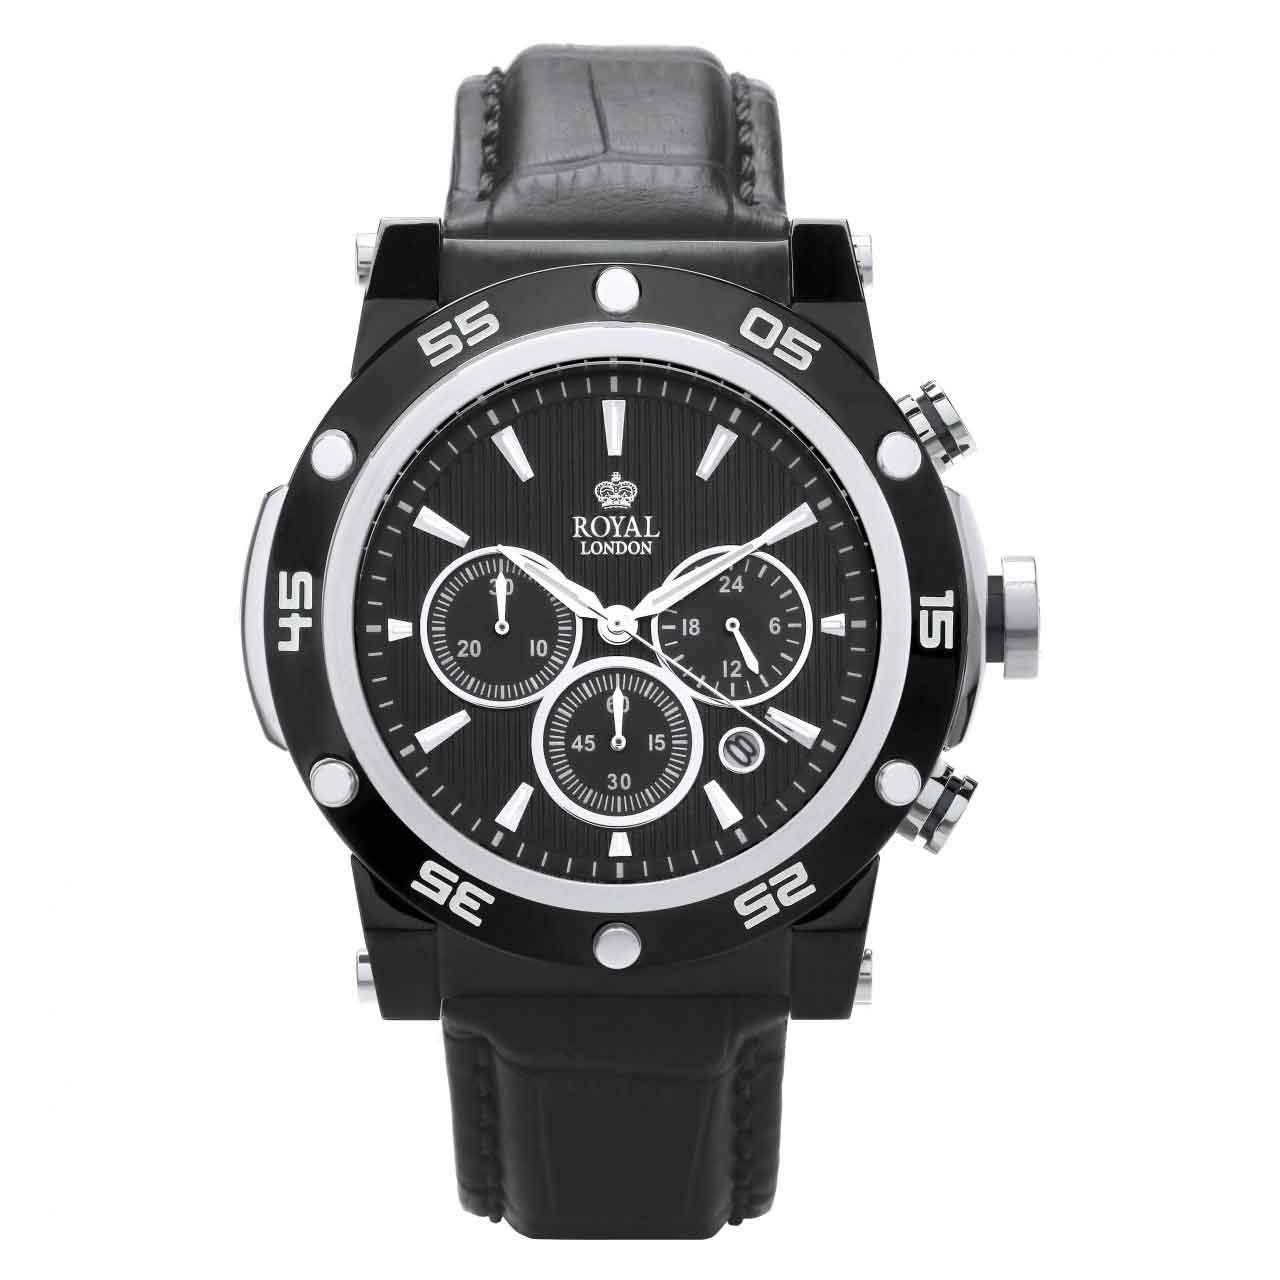 ساعت مچی عقربه ای مردانه رویال لندن مدل RL-41304-02 39